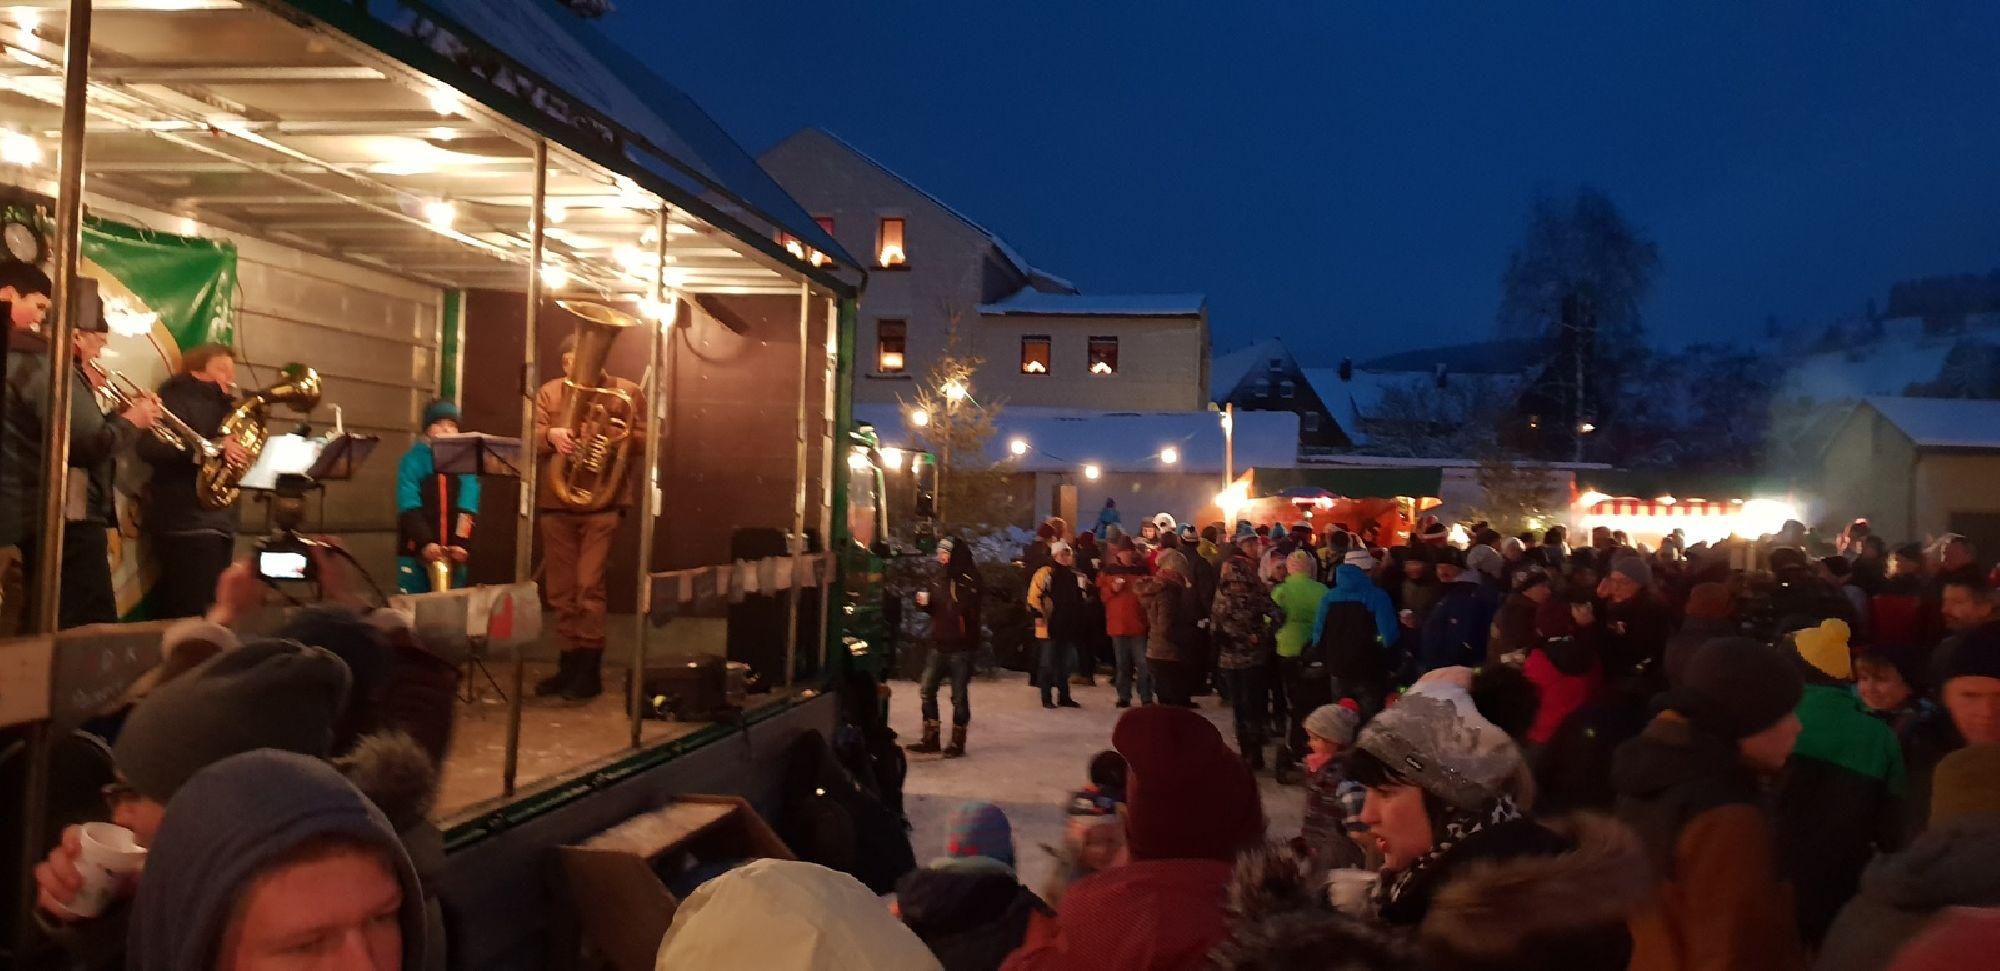 Bühne zum Rechenberger Weihnachtsmarkt